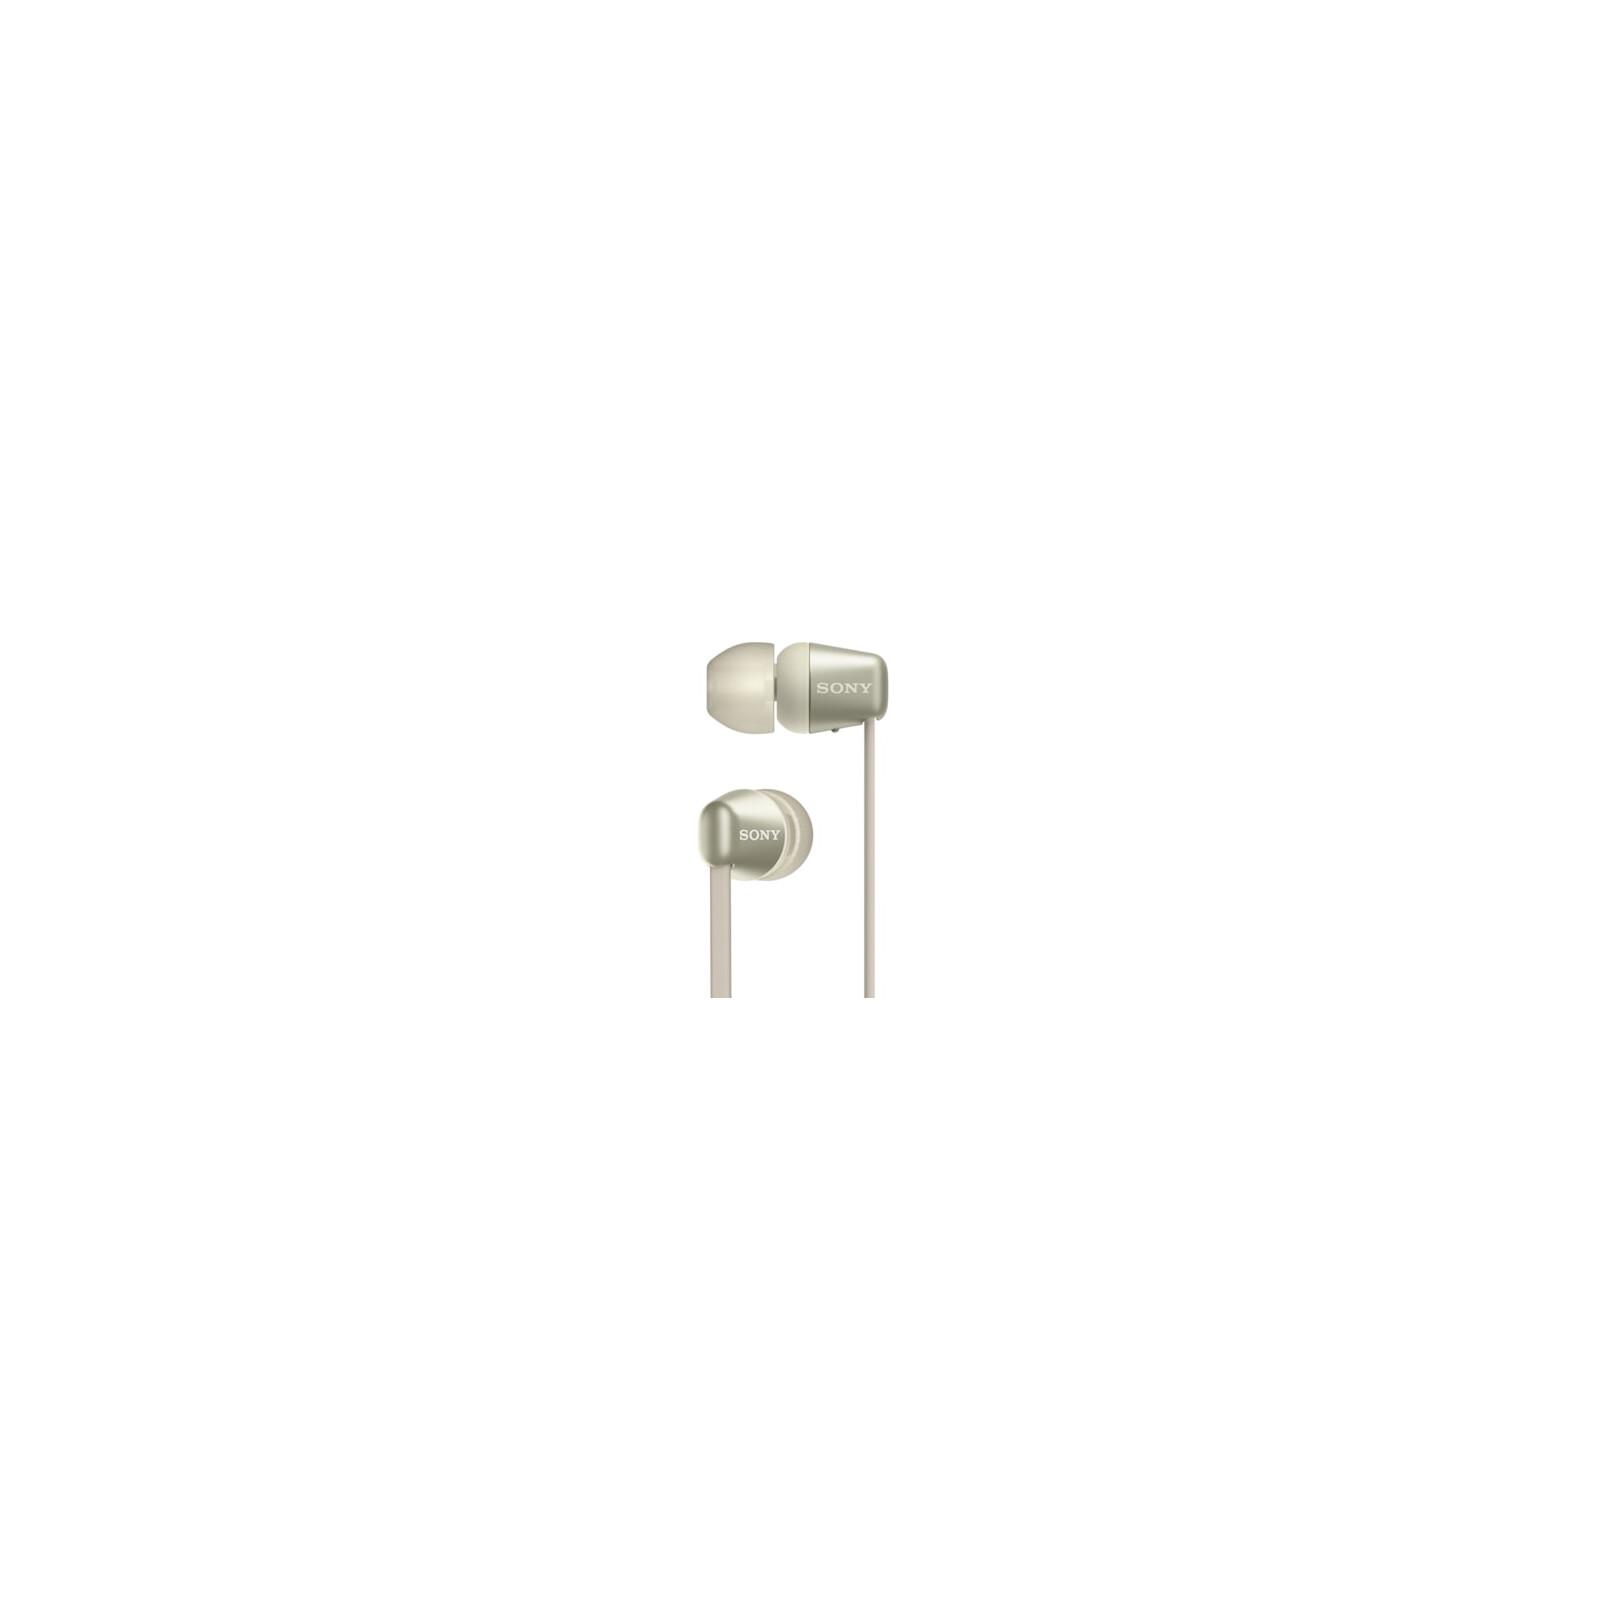 Sony WI-C310N BT In Ear gold